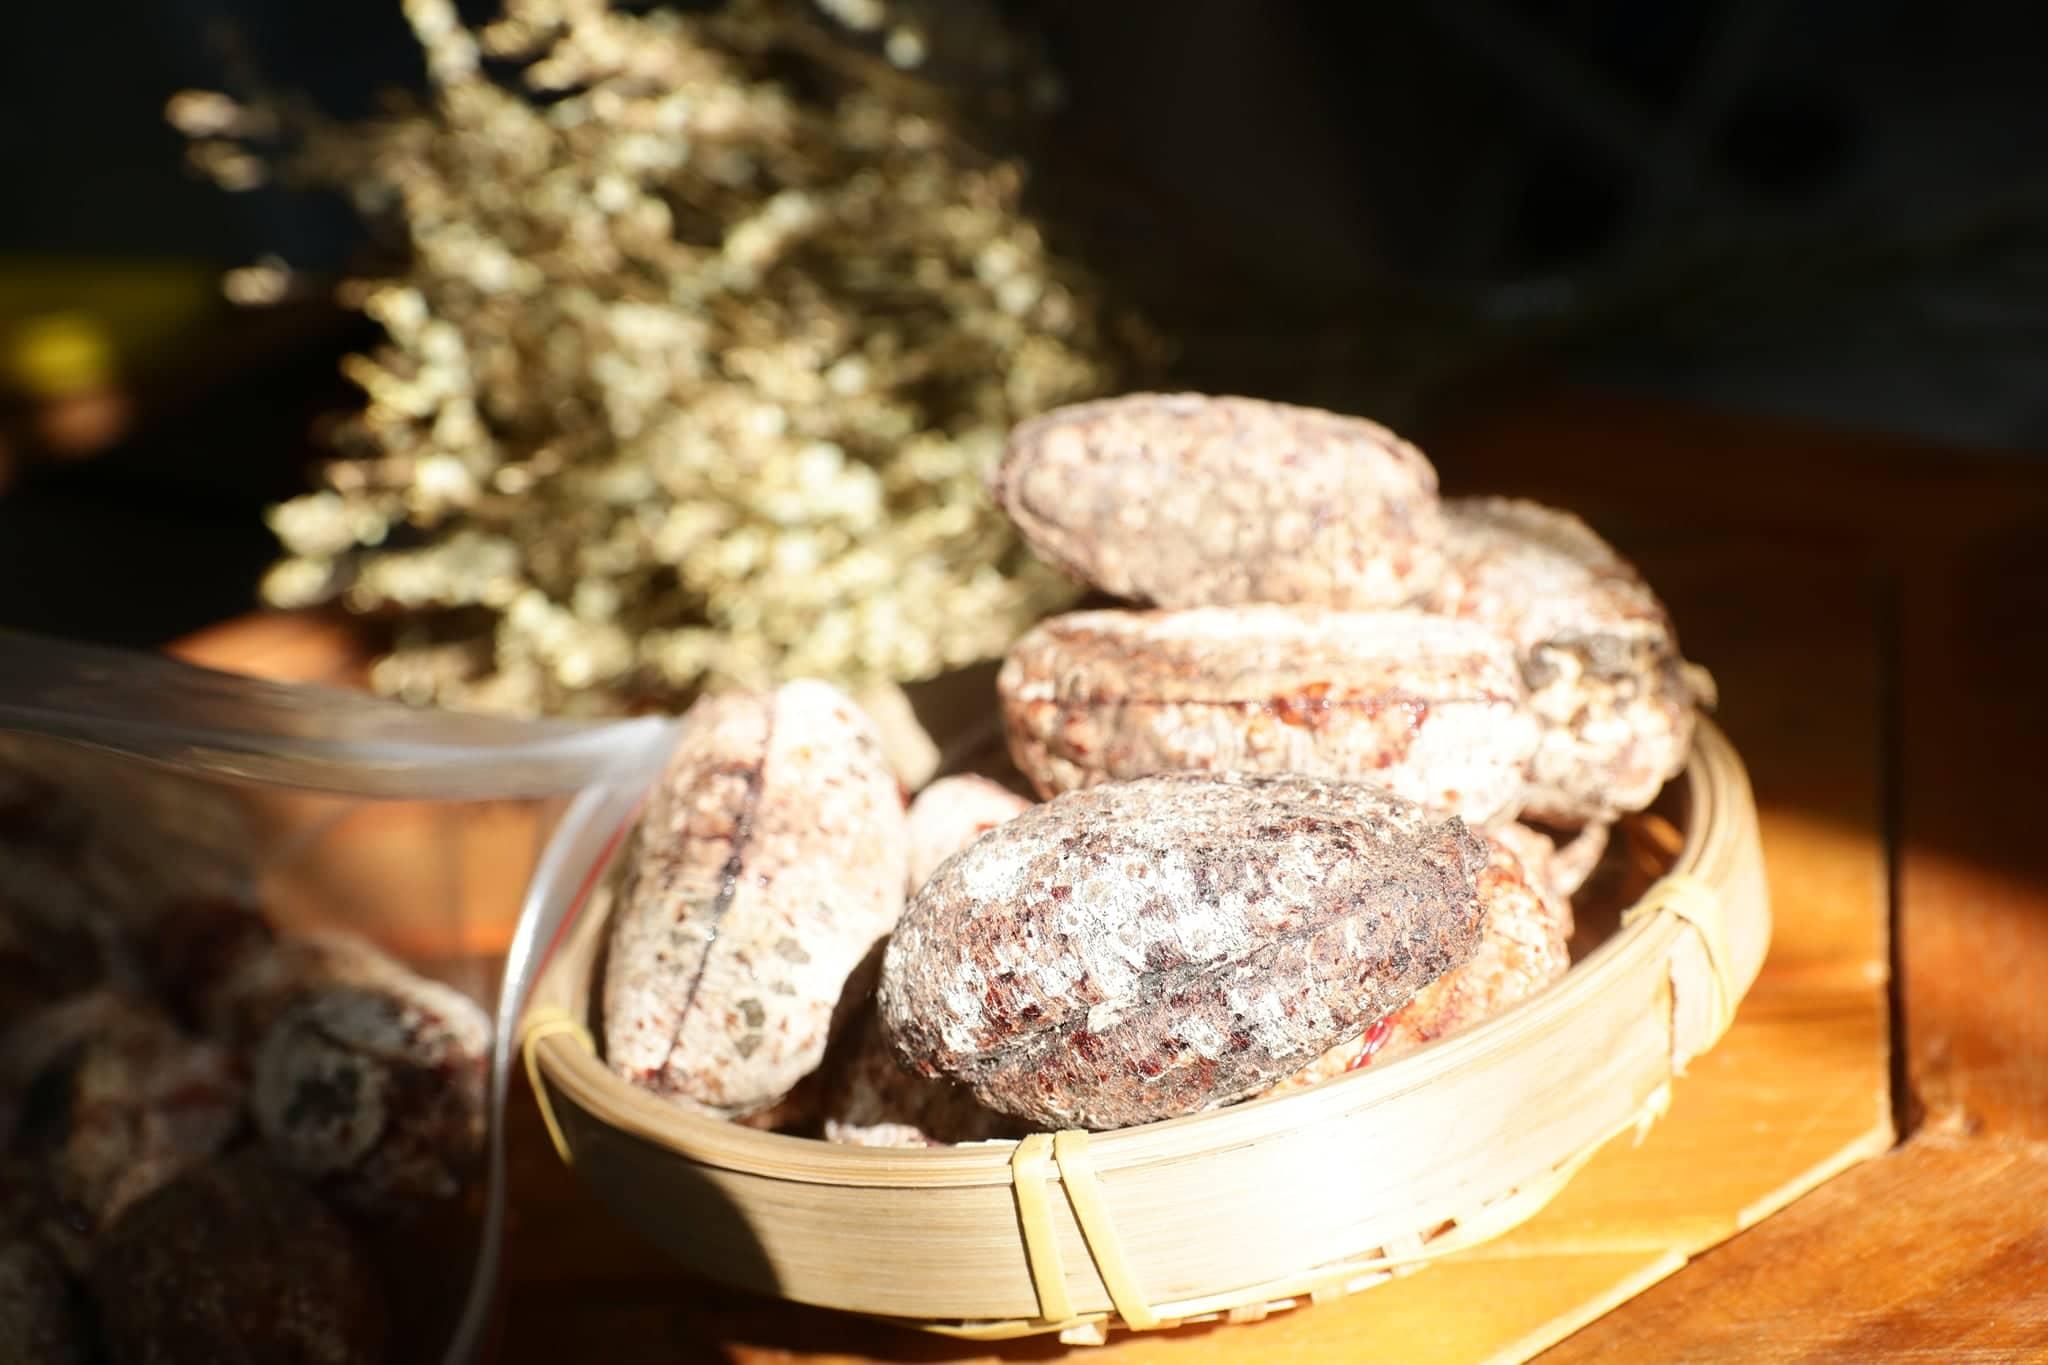 1kg Chuối hột rừng ngâm rượu thơm ngon, chuối trắng 15